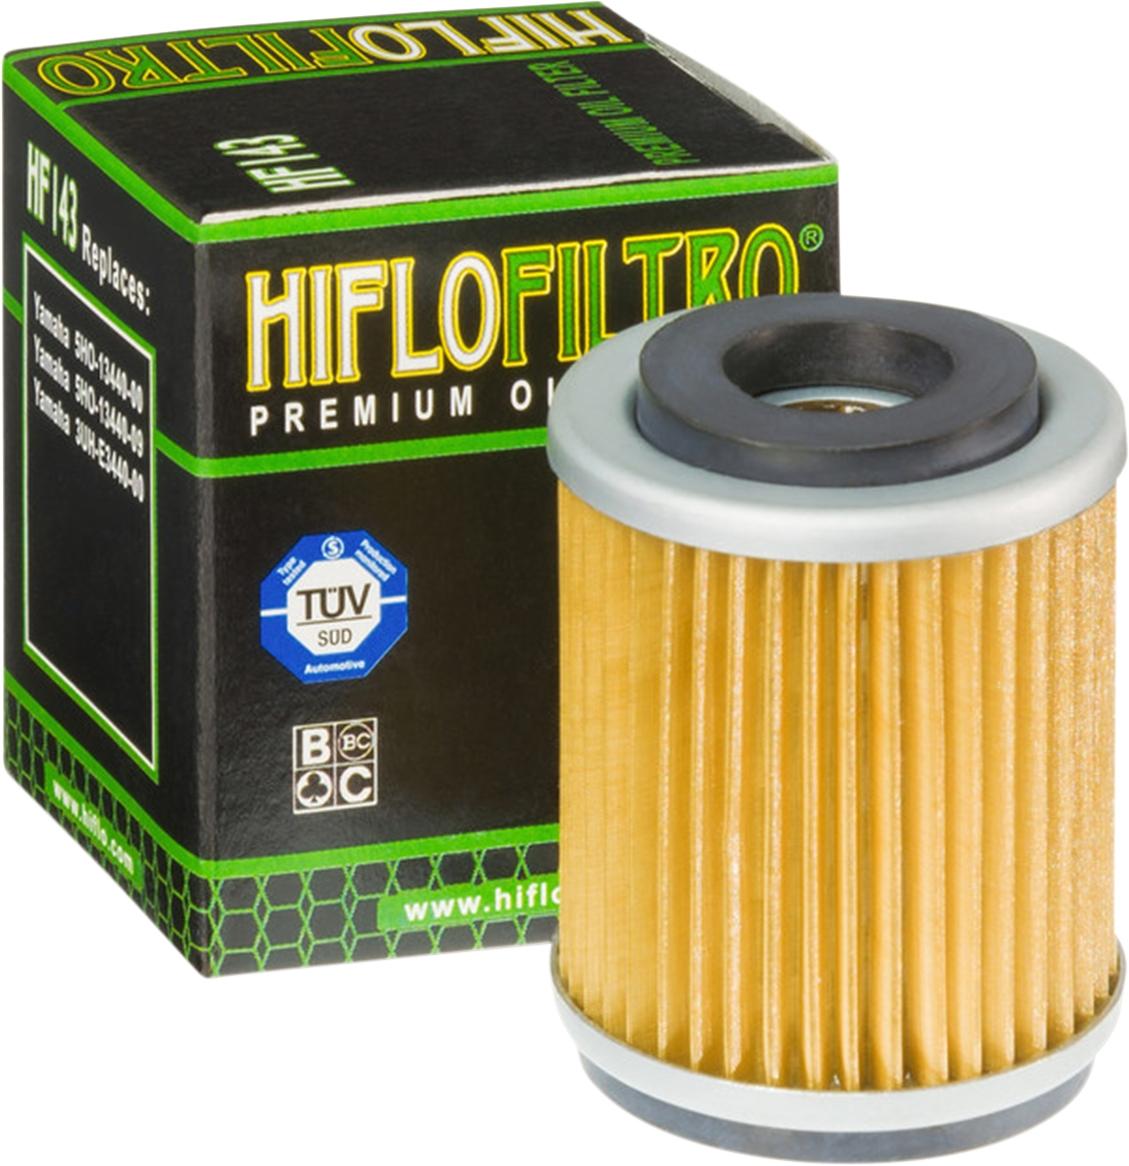 Hi Flo Oil Filter